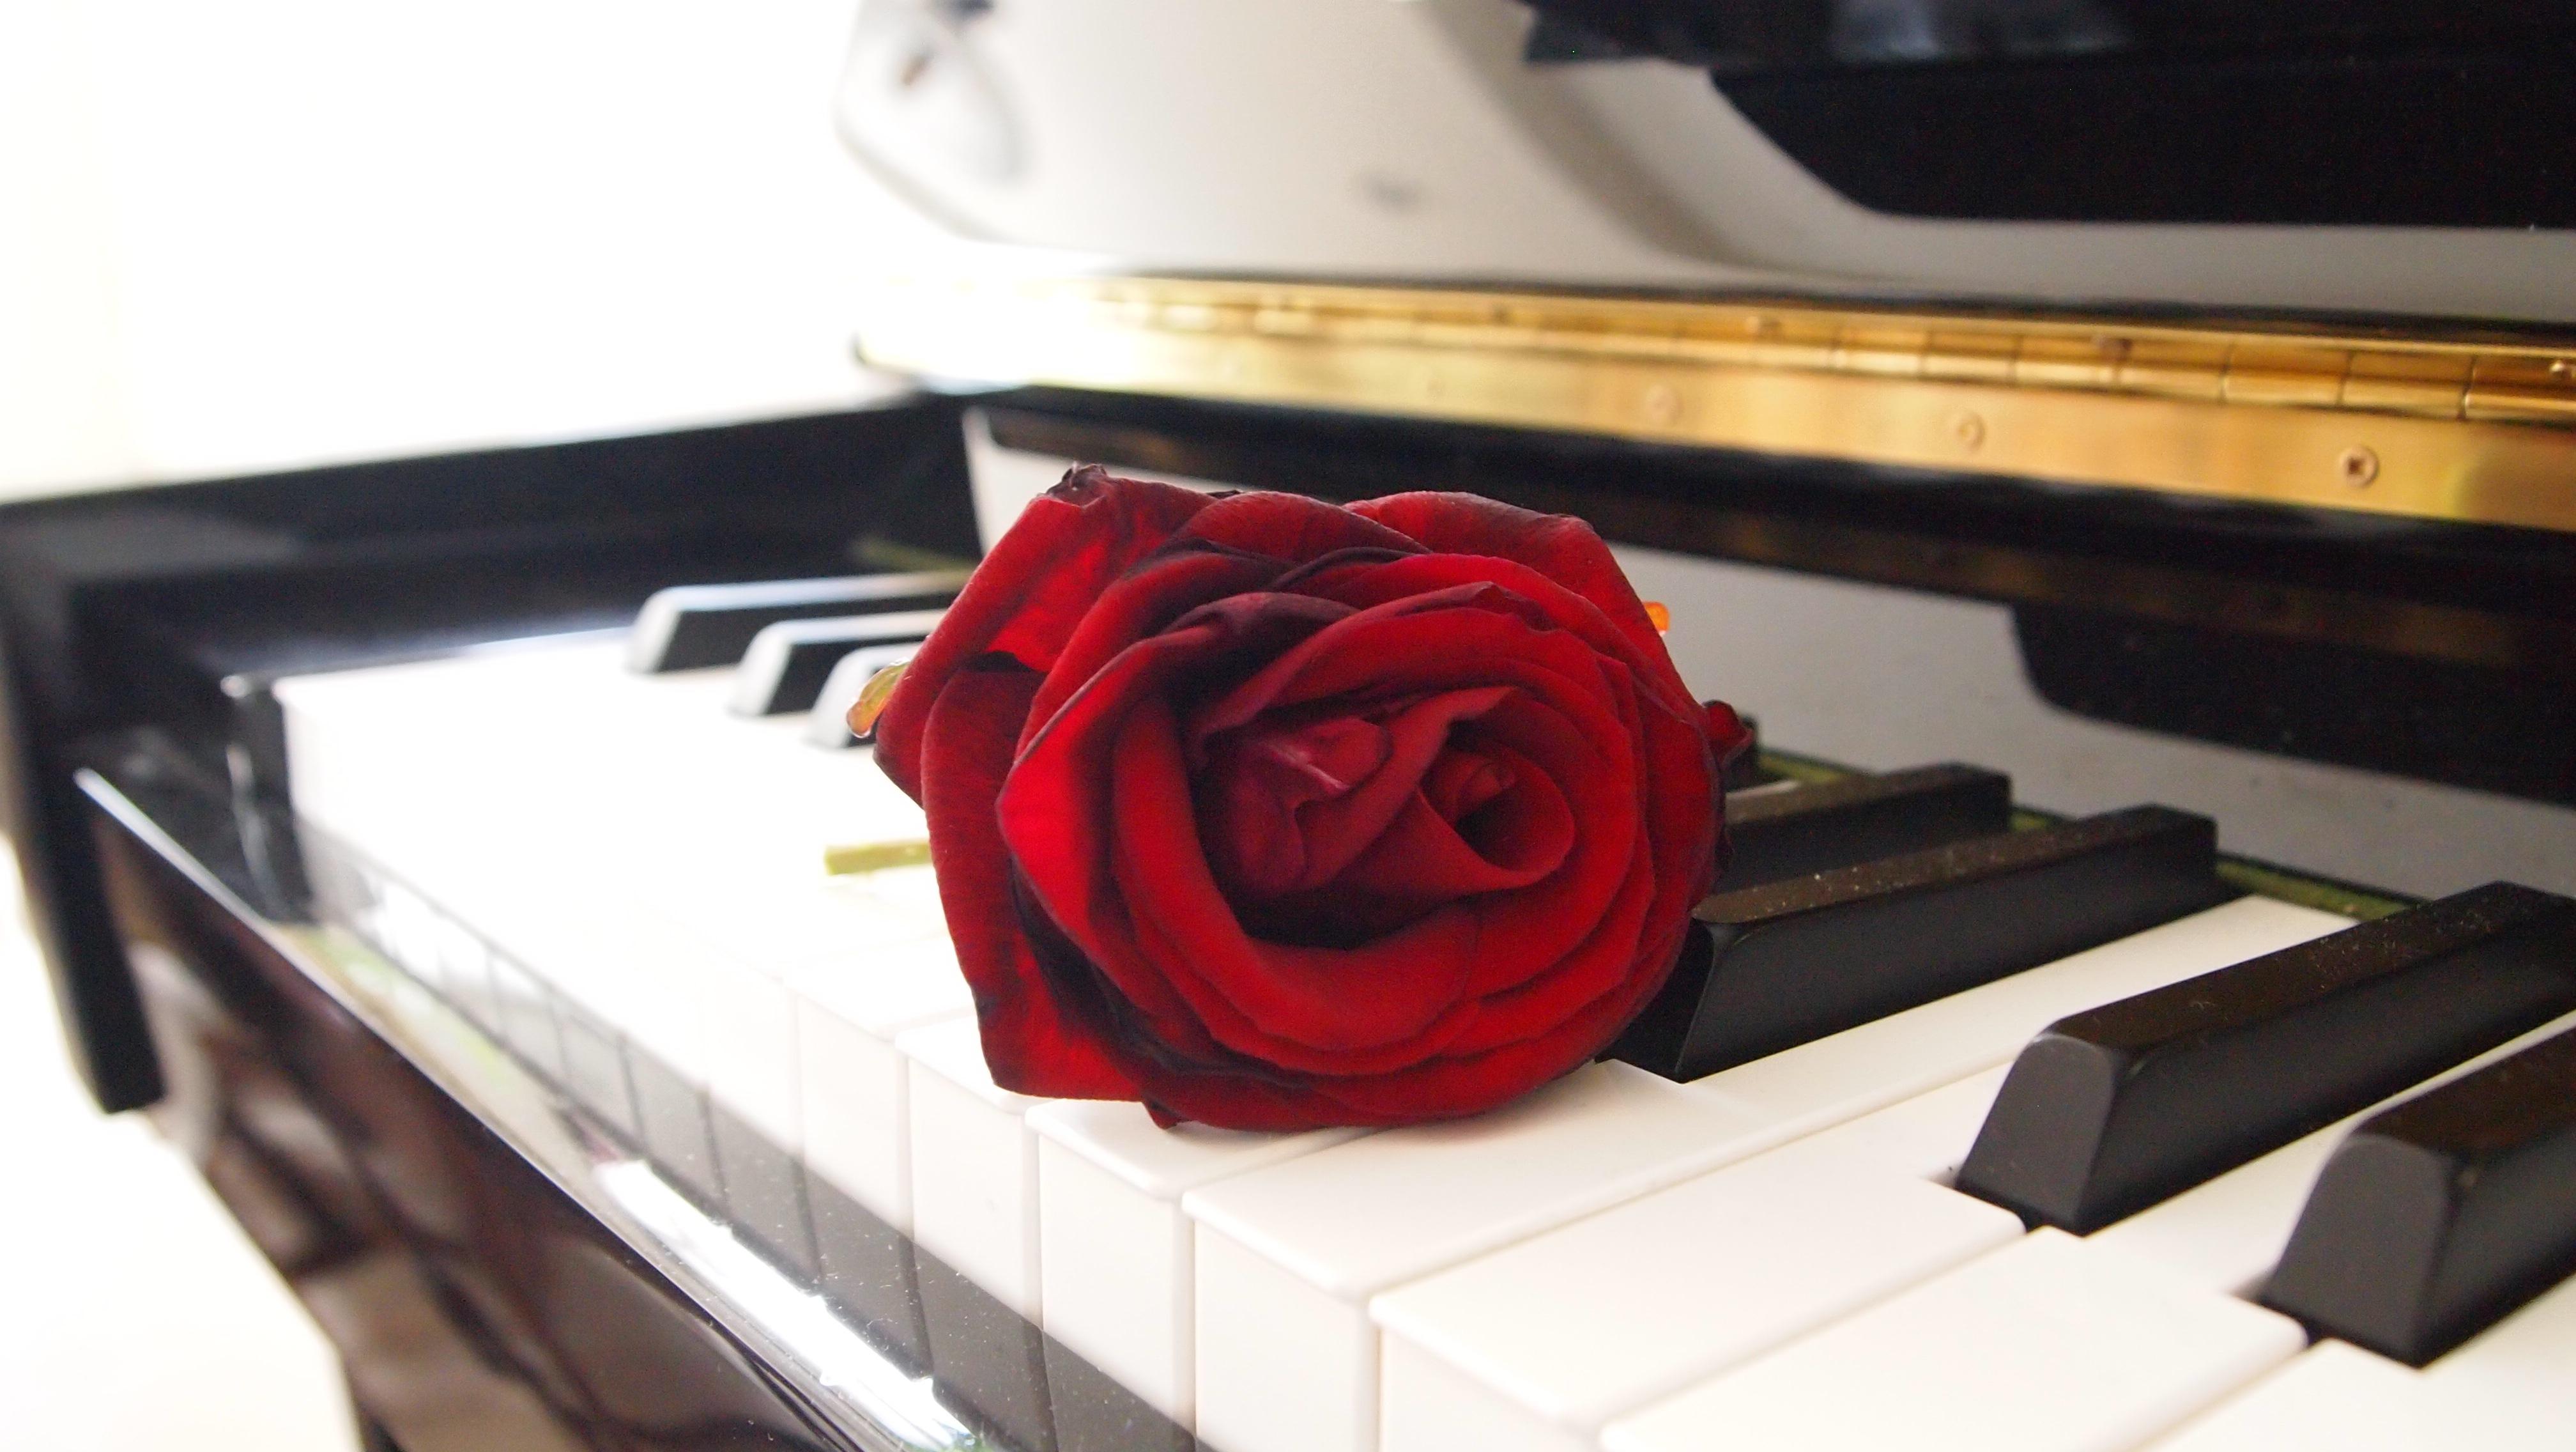 Salon Rouge Blanc Noir images gratuites : la musique, clavier, la technologie